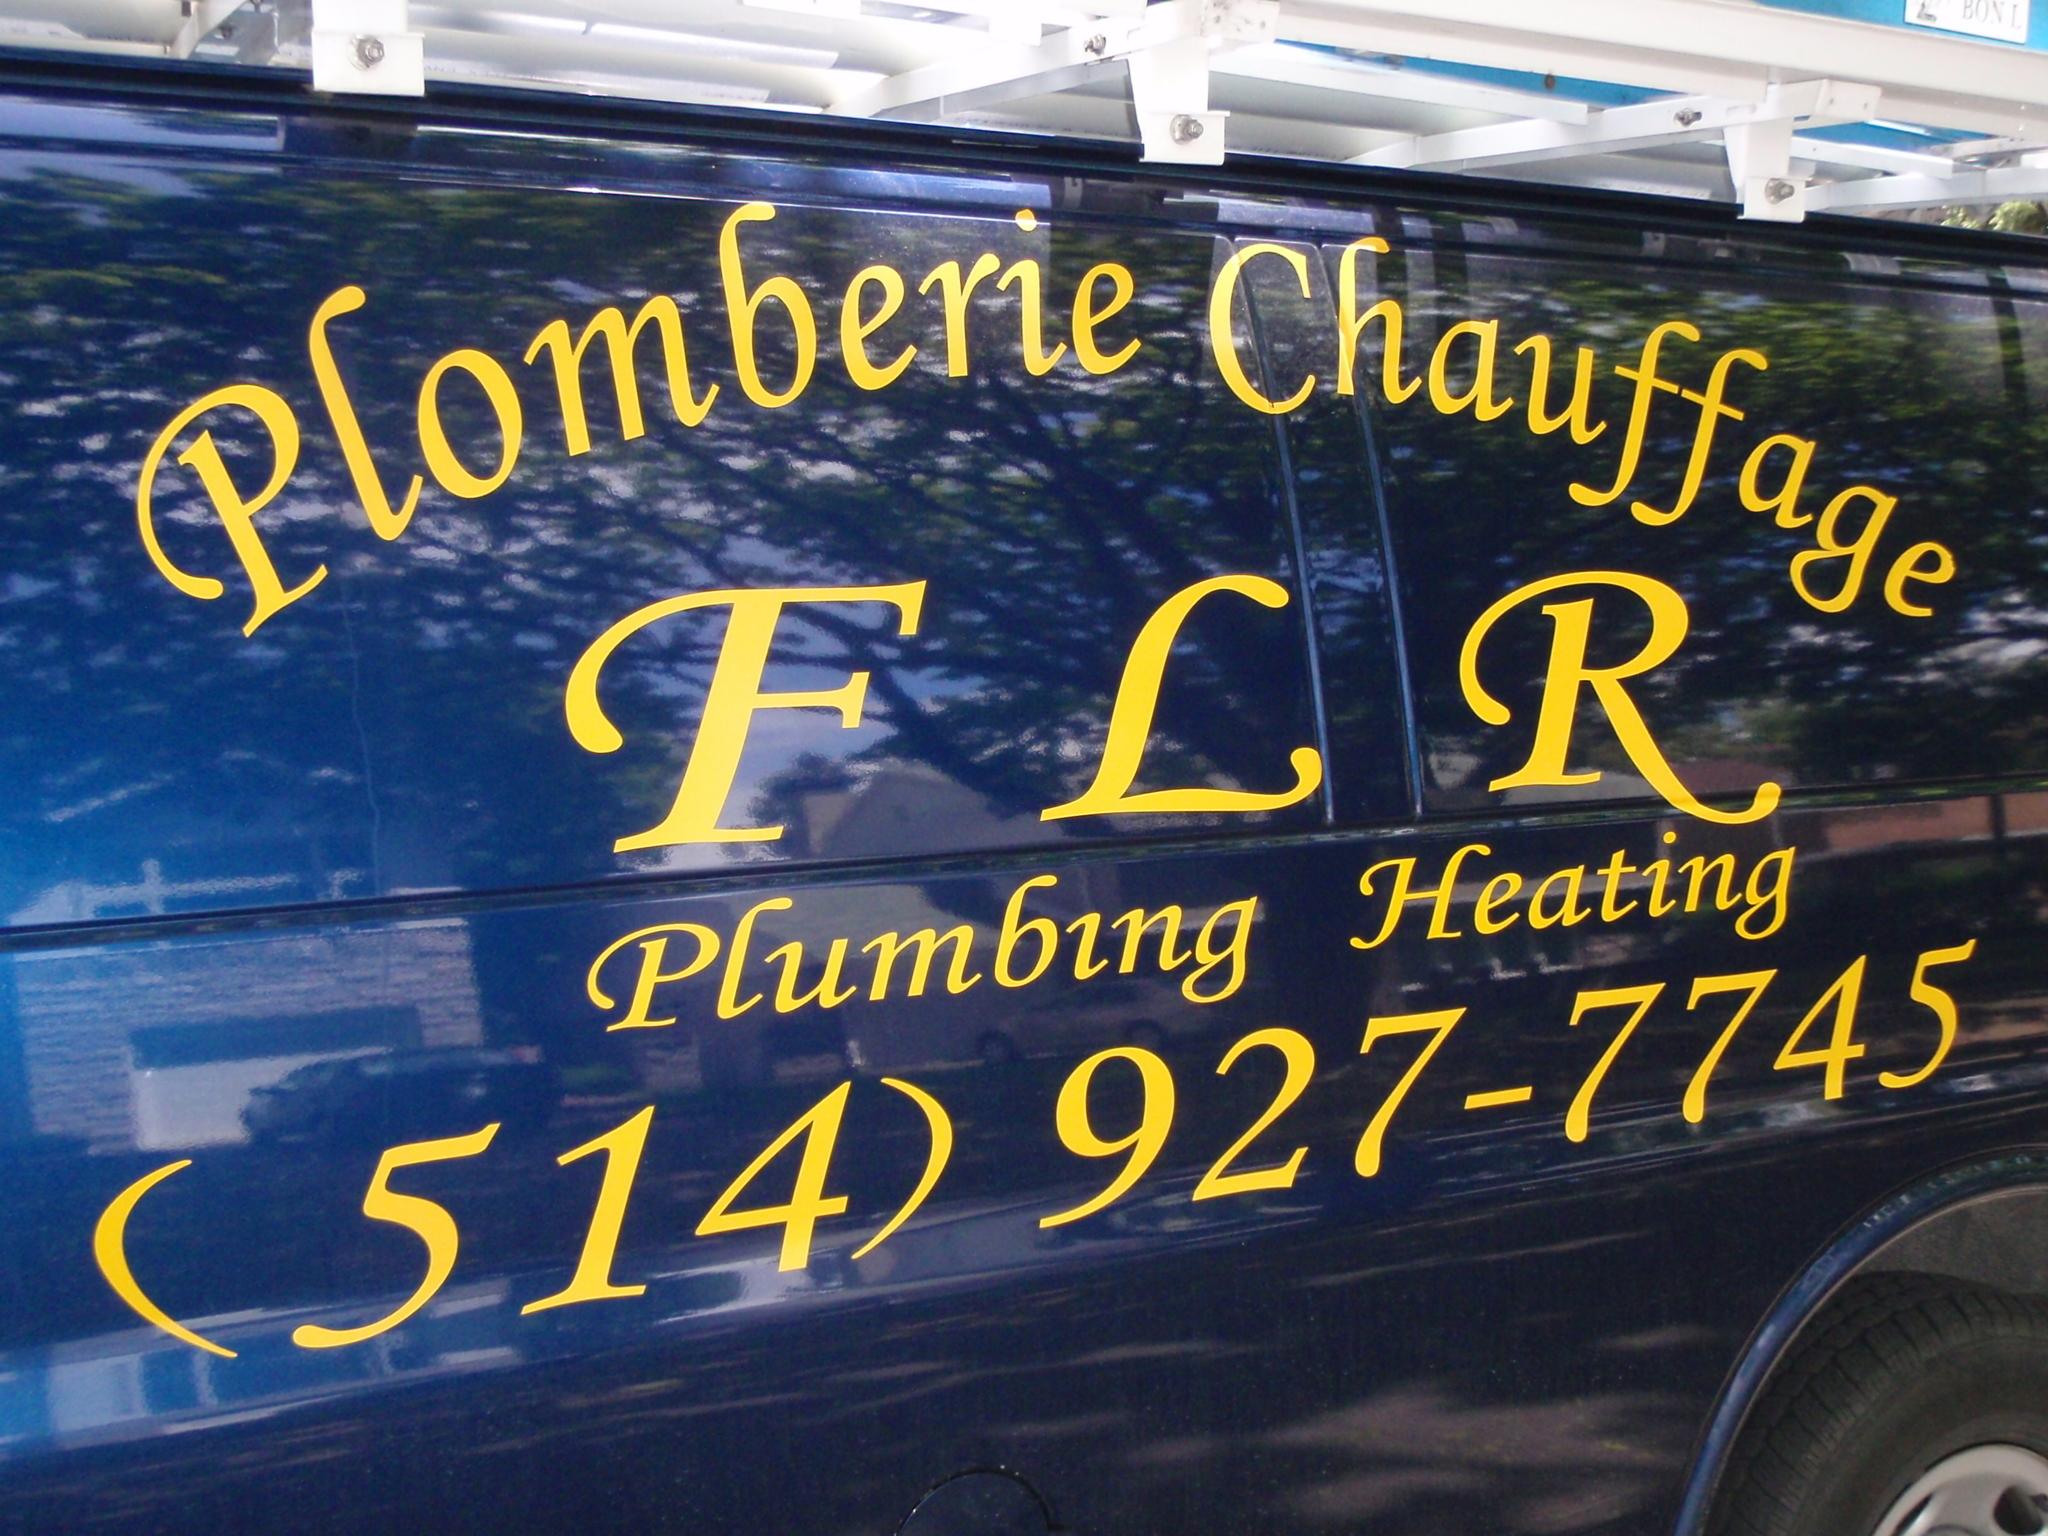 Plomberie Chauffage F L R Inc